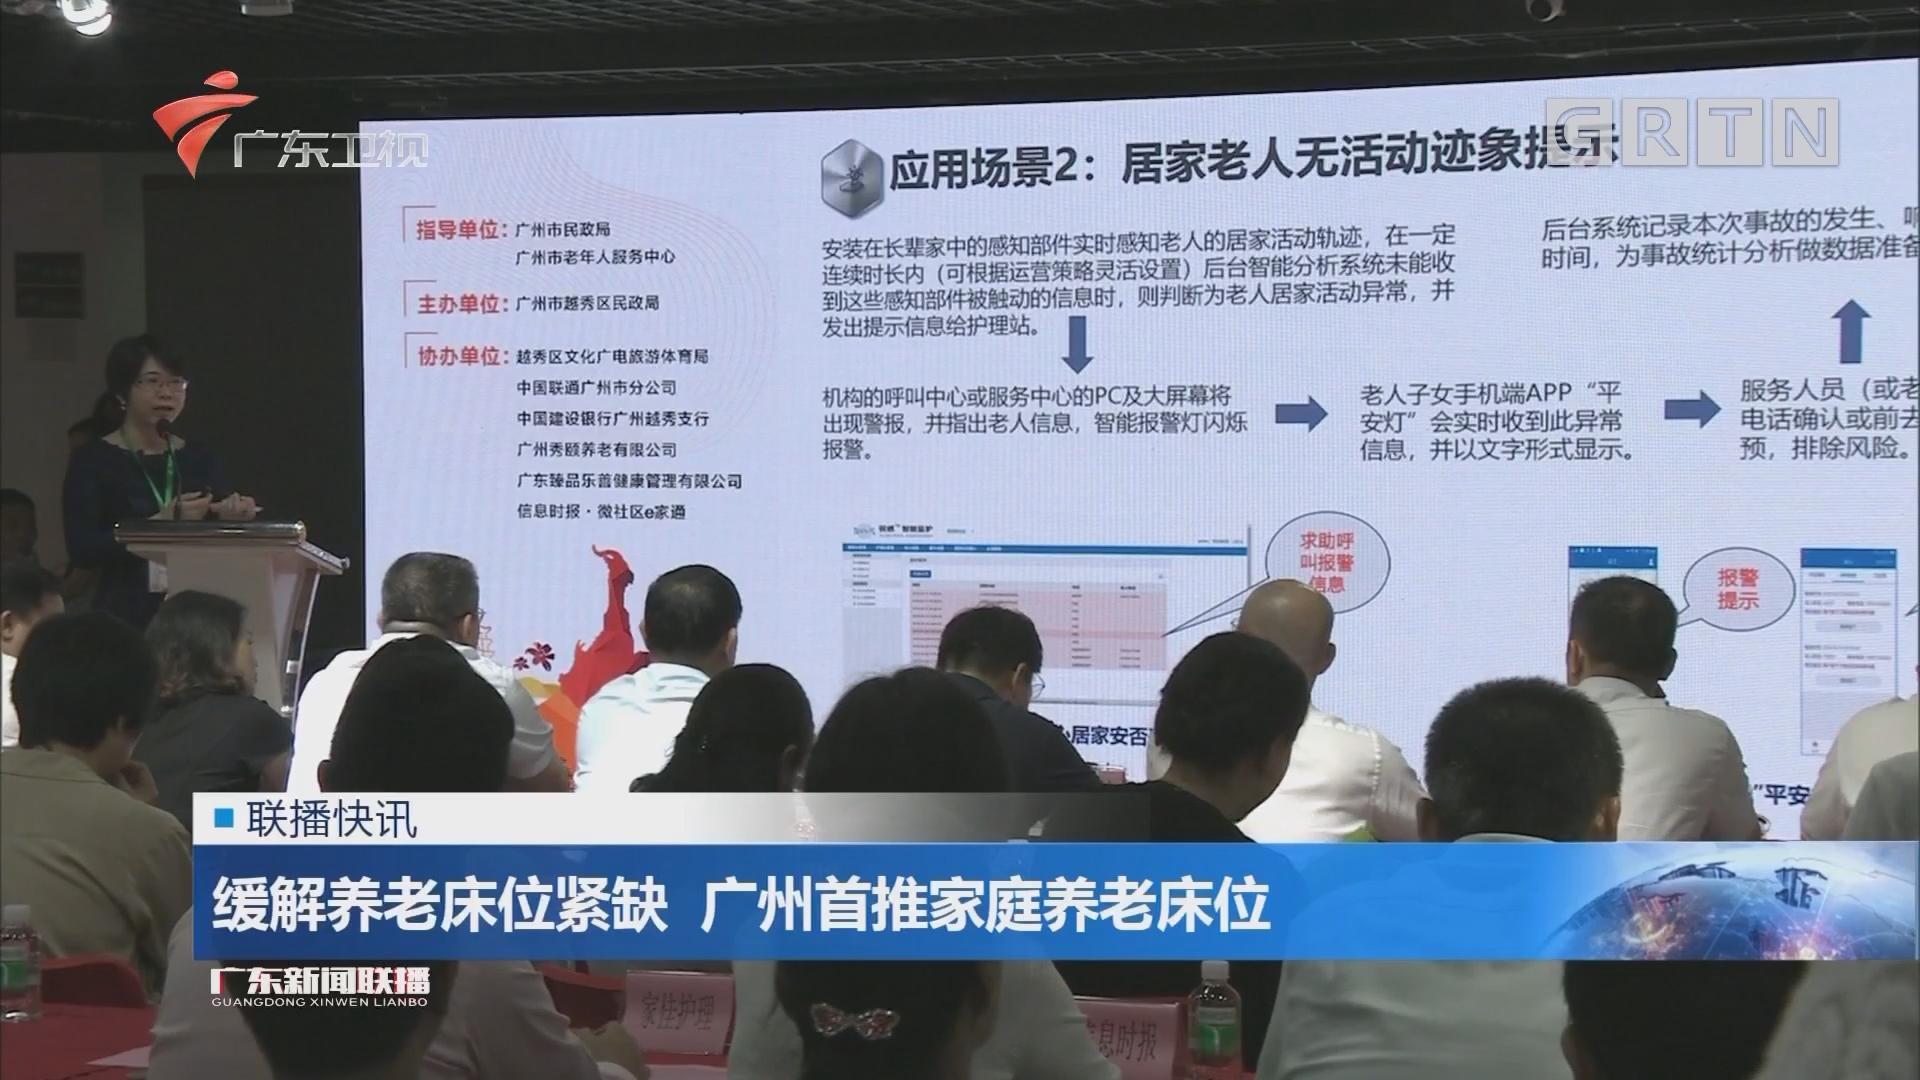 缓解养老床位紧缺 广州首推家庭养老床位